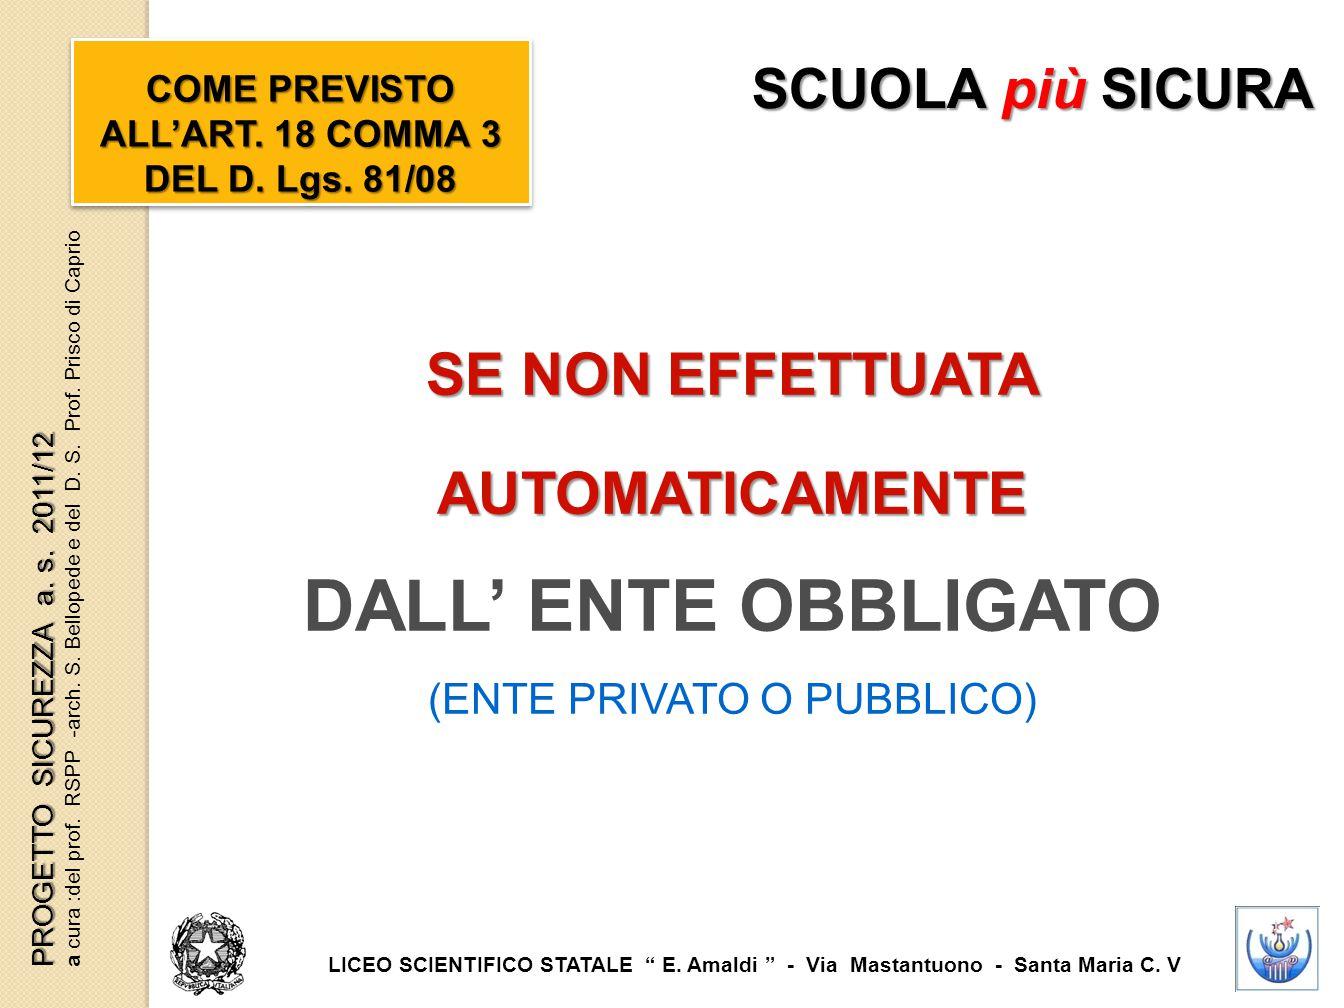 COME PREVISTO ALL'ART. 18 COMMA 3 DEL D. Lgs. 81/08 COME PREVISTO ALL'ART. 18 COMMA 3 DEL D. Lgs. 81/08 SE NON EFFETTUATA AUTOMATICAMENTE DALL' ENTE O